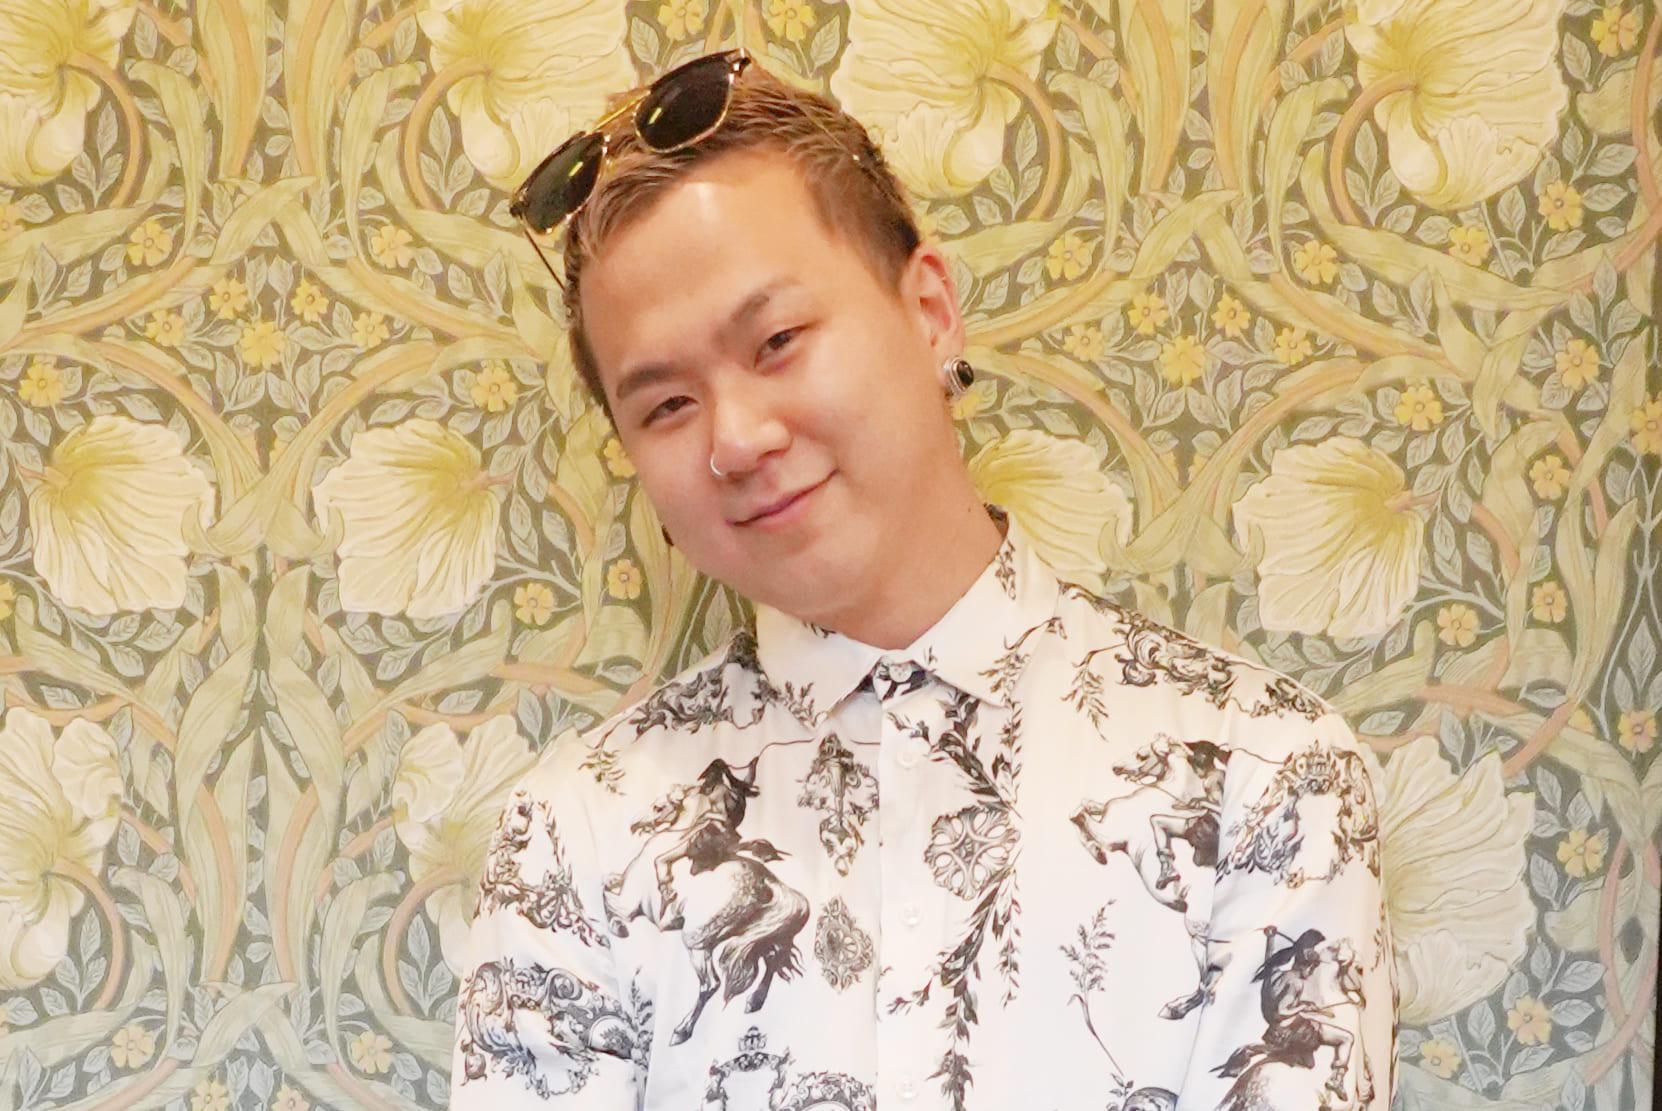 Seishiroが思う日本人ダンサーの良さとは?得ることよりも内面を見つめなおせた、NY一人旅。:Seishiroインタビュー①